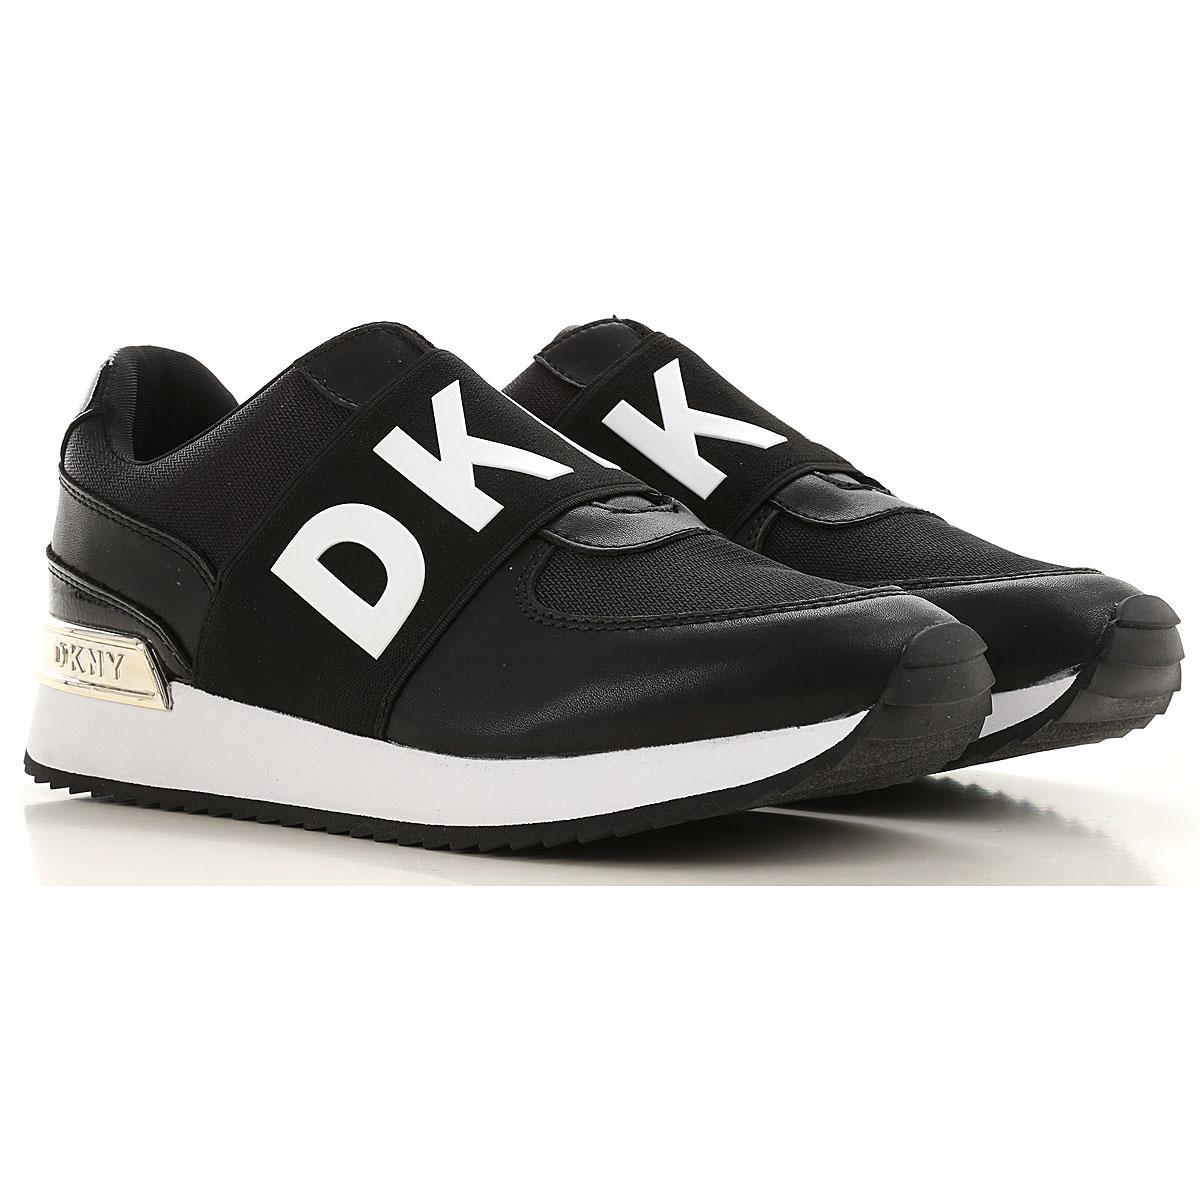 DKNY Sneakers For Women in Black - Lyst